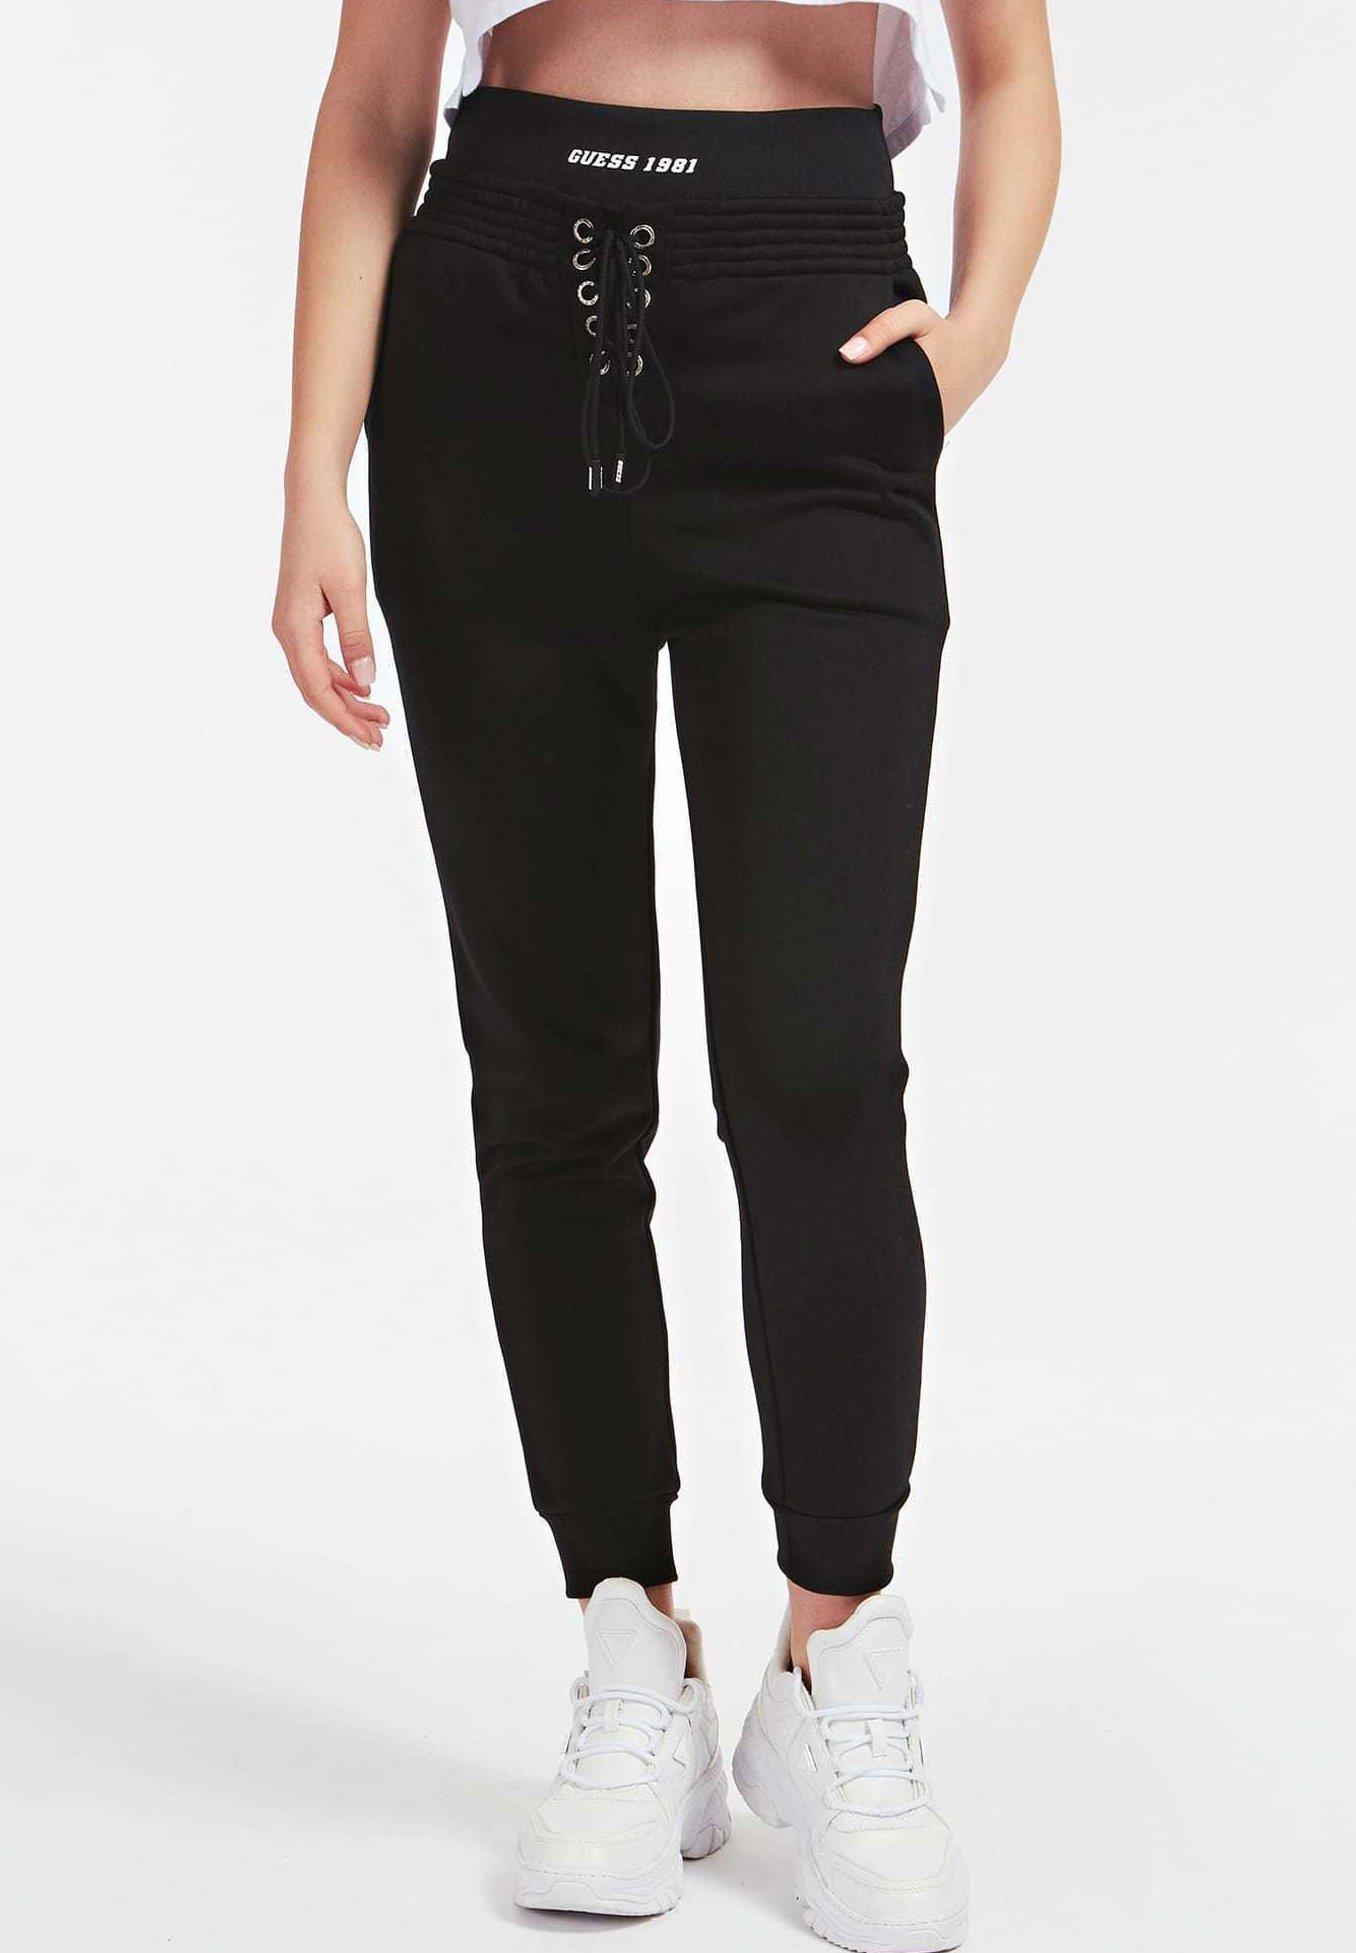 Pantaloni sportivi da donna   La nuova collezione su Zalando